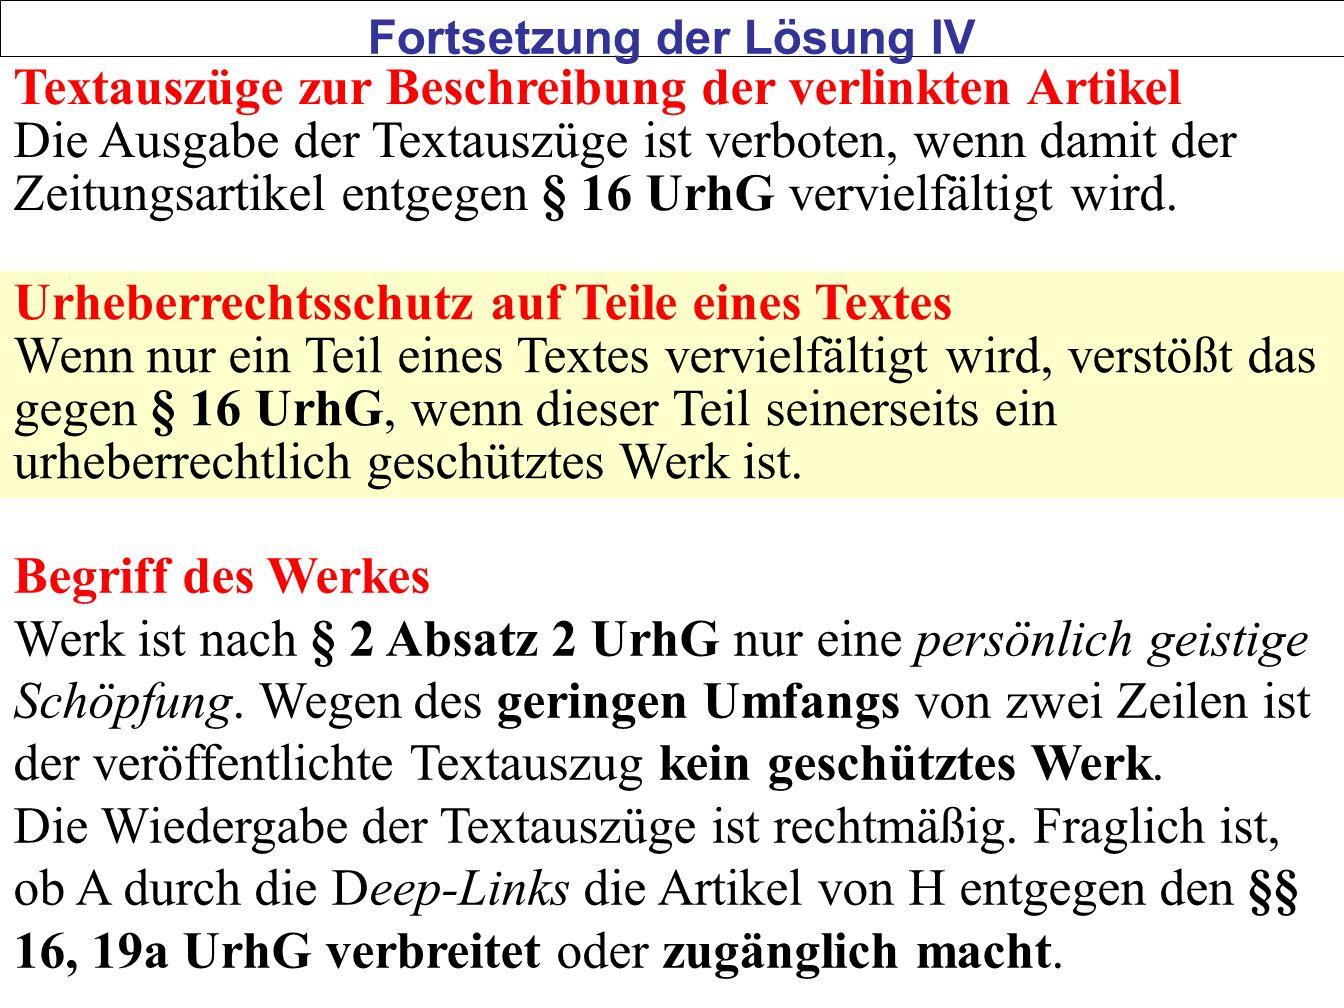 51 Textauszüge zur Beschreibung der verlinkten Artikel Die Ausgabe der Textauszüge ist verboten, wenn damit der Zeitungsartikel entgegen § 16 UrhG vervielfältigt wird.